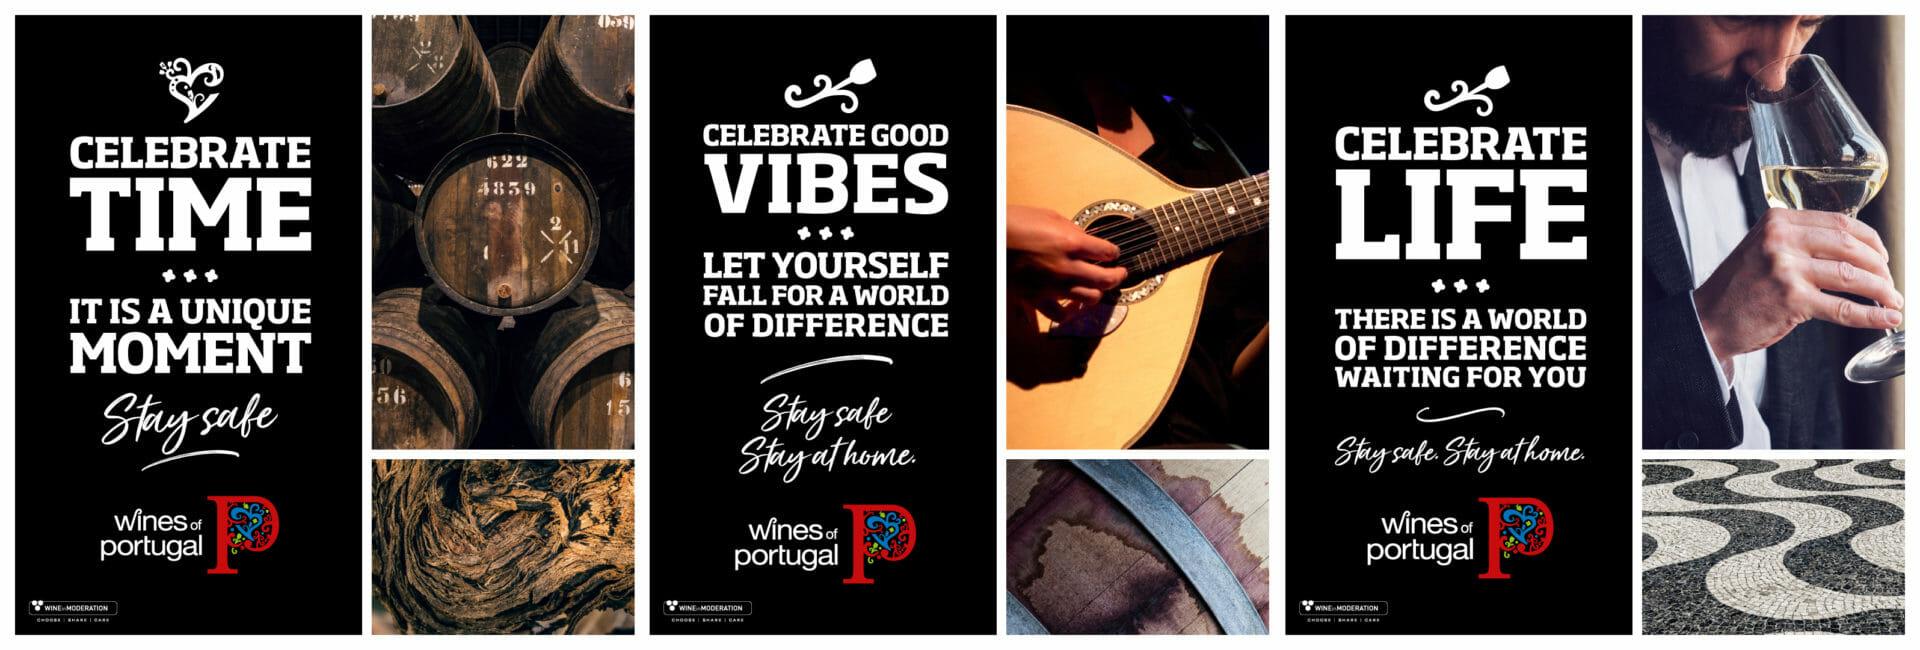 Acção Wines of Portugal e BrandCook brindam a melhores dias